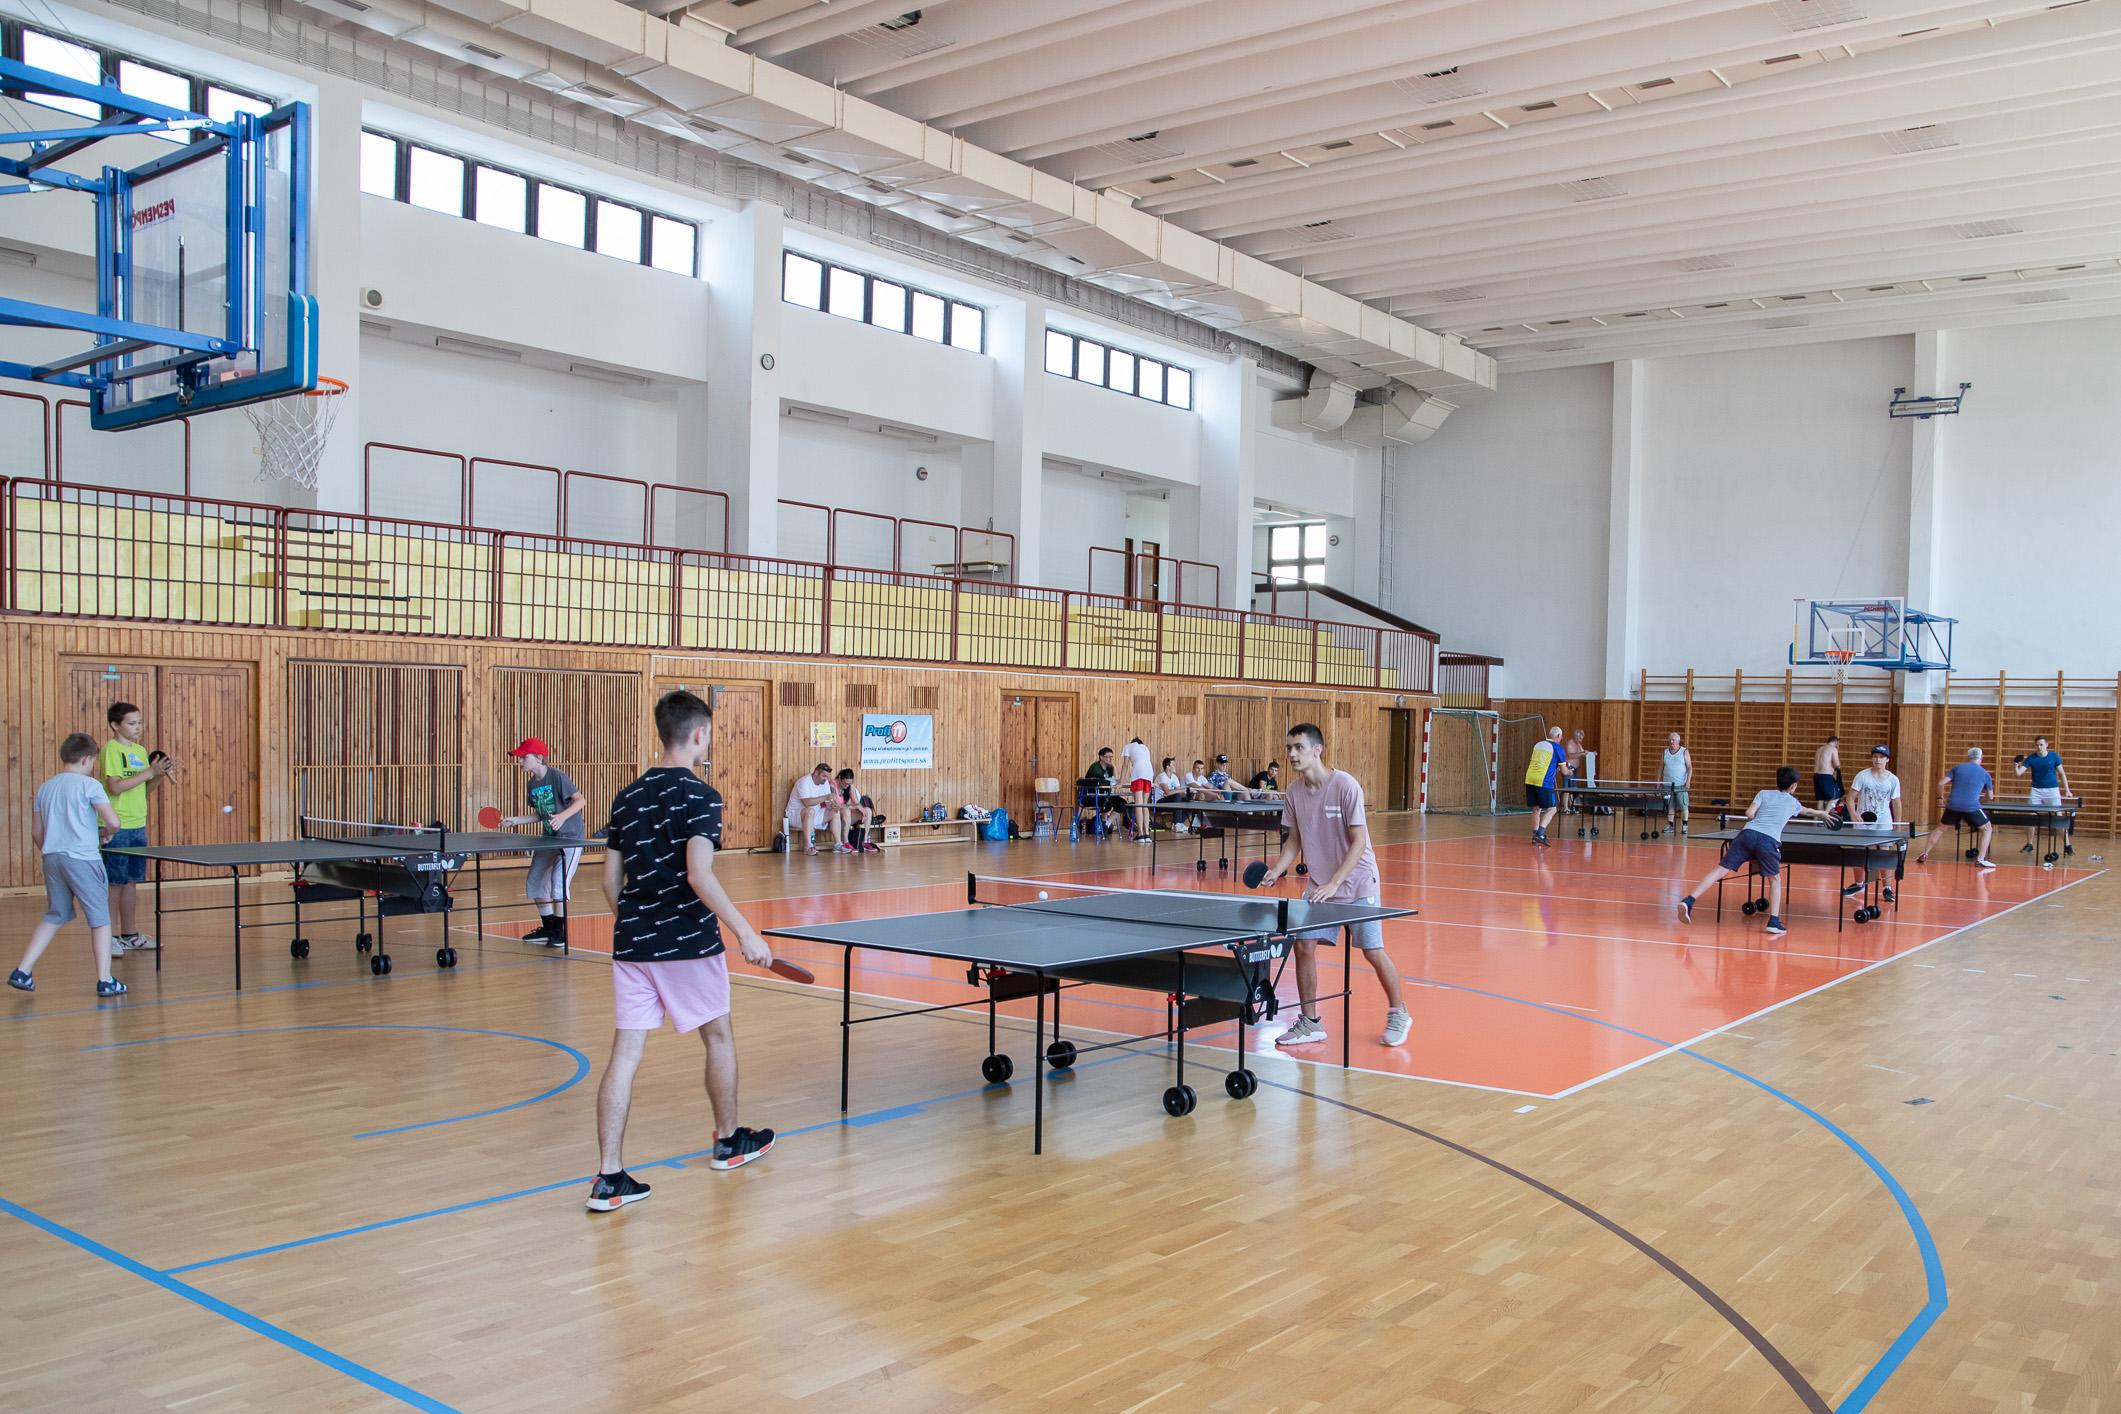 stolny-tenis-den-sidliska-zv-zapad-10